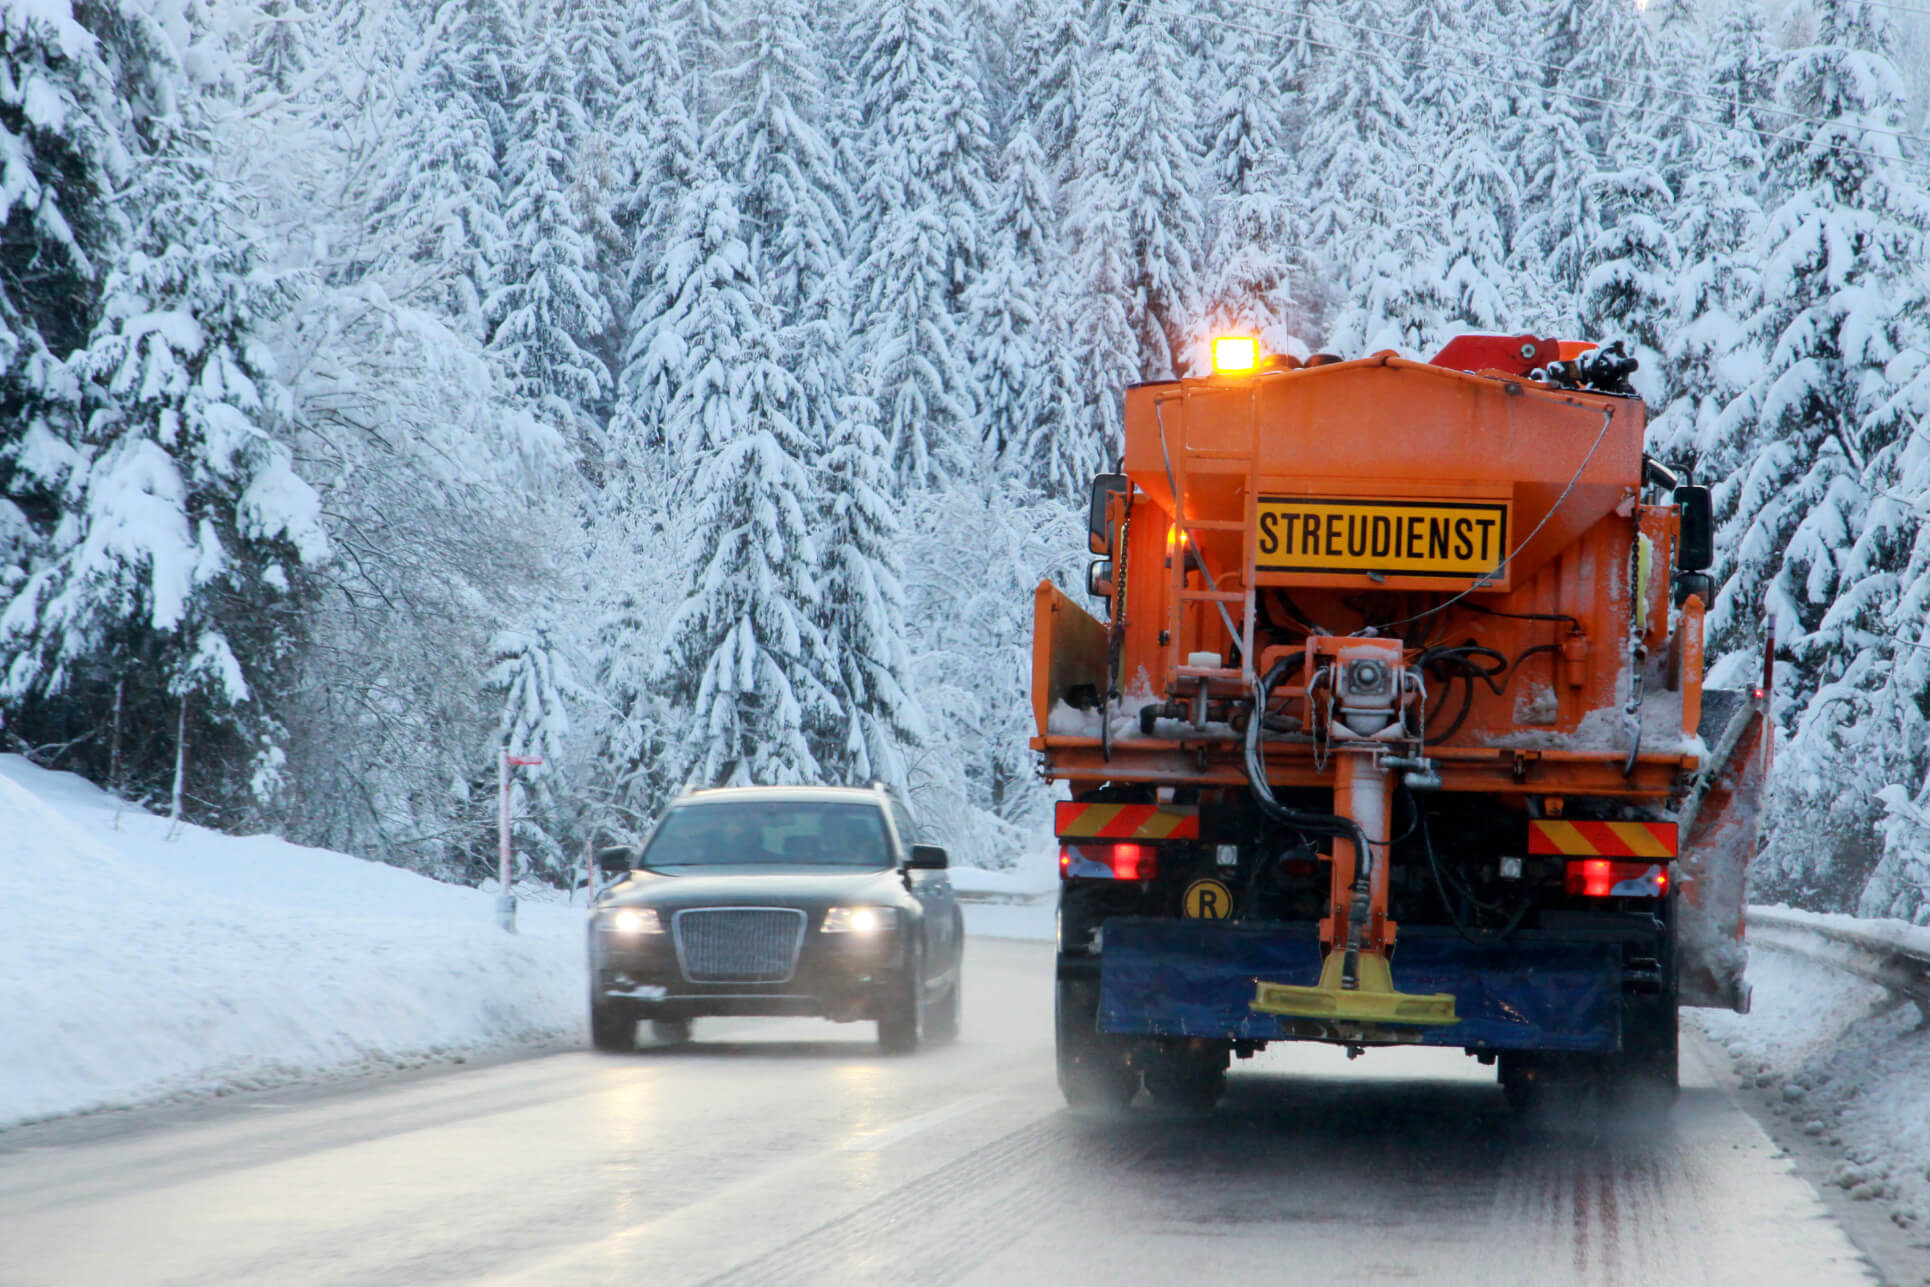 Umweltschonender Winterdienst auf verschneiter Straße durch Streusalzalternative